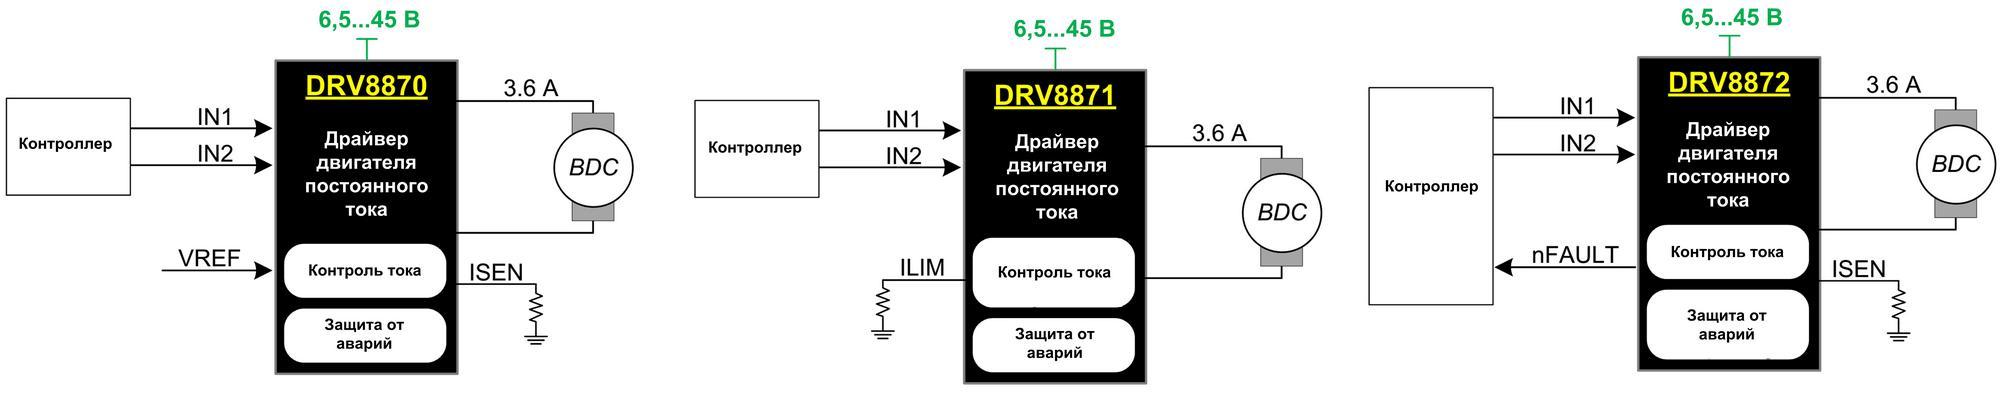 Драйвер двигателя постоянного тока